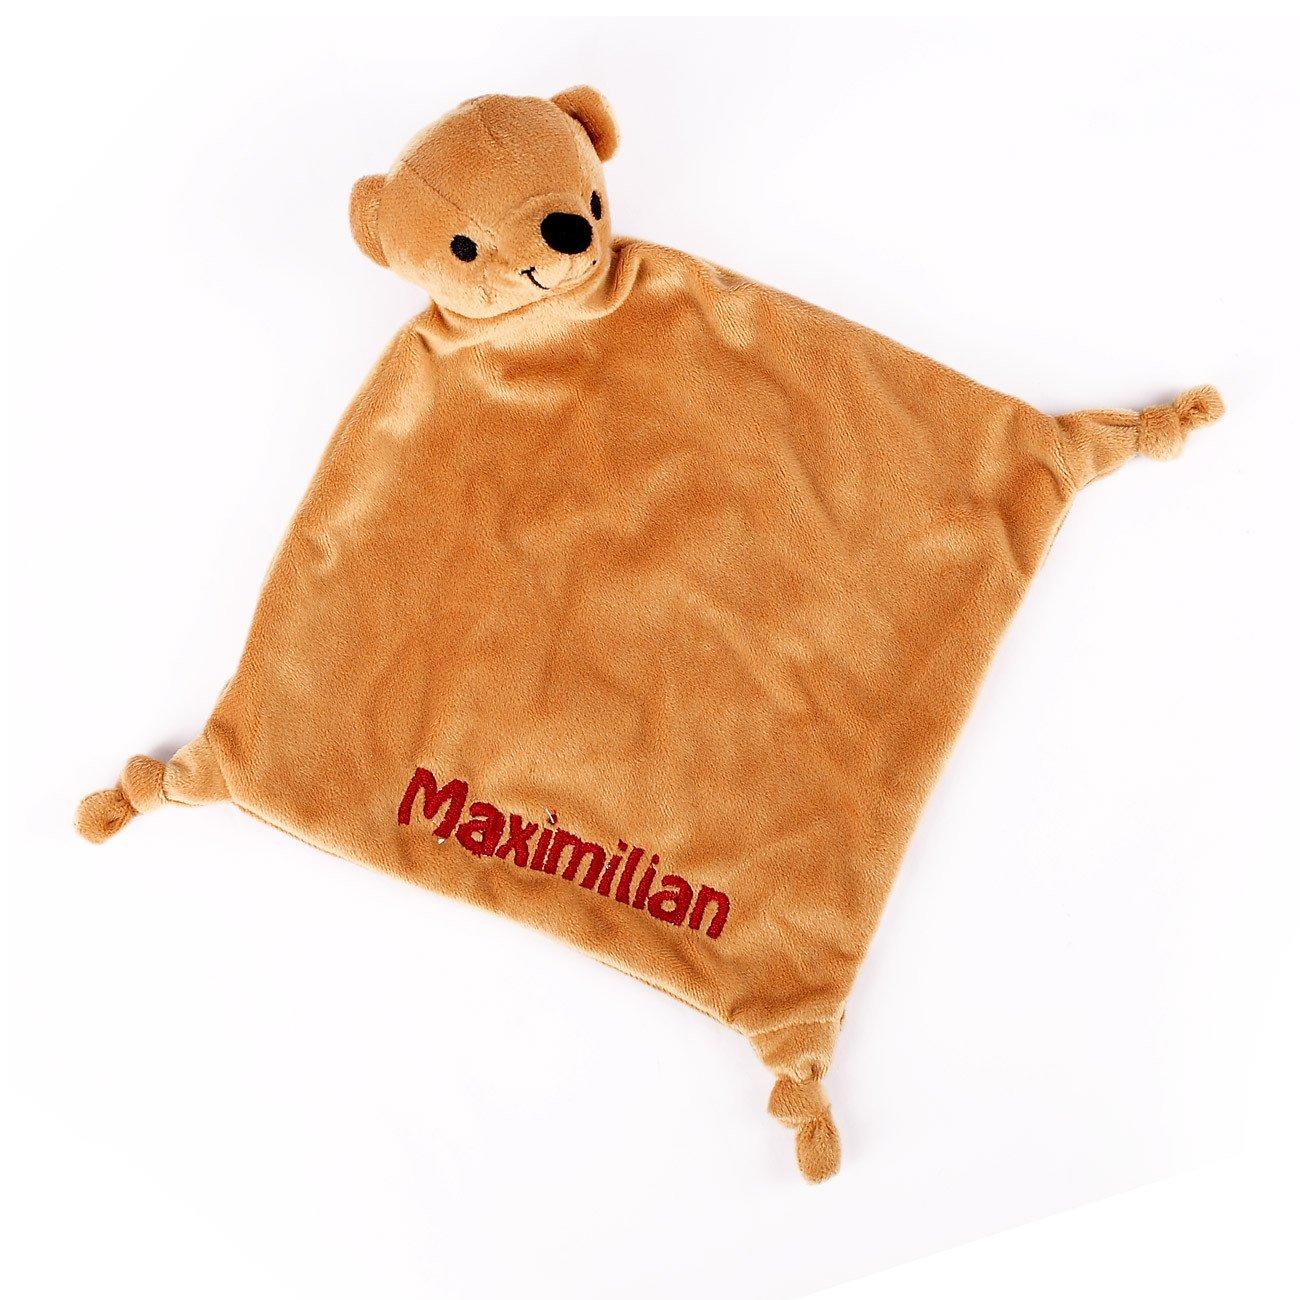 Striefchen Bä ren Schnuffeltuch mit gratis Namen bestickt mit Geschenkverpackung Striefchen® pde-tex-stu-bae-ntl741